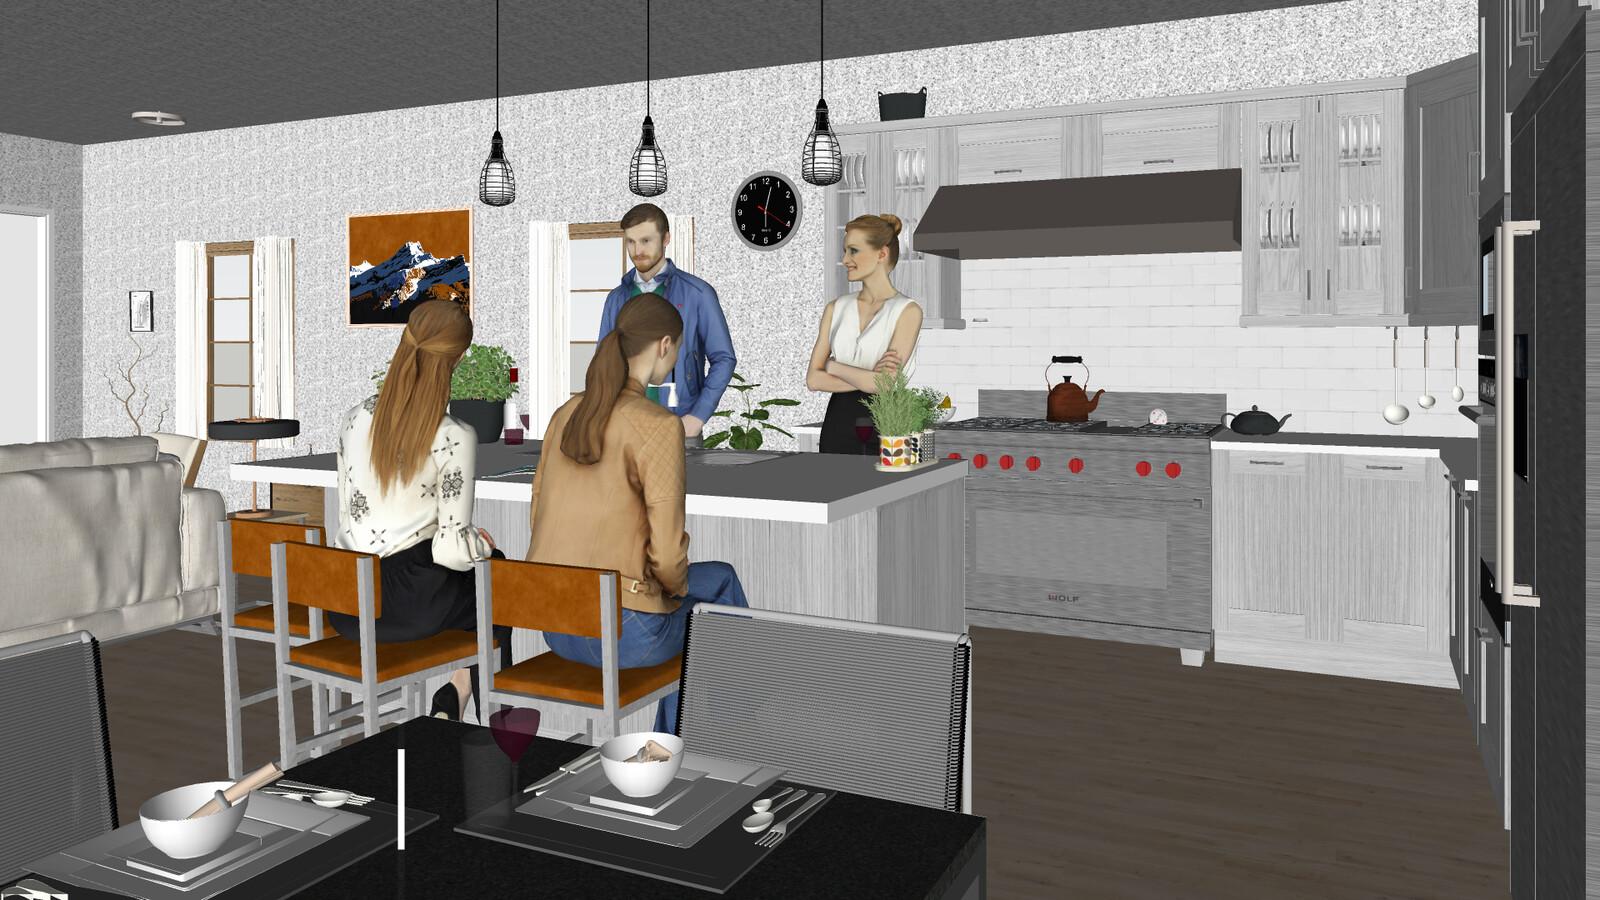 SketchUp 2019 Carson St Project 01B-Scene 3 SU